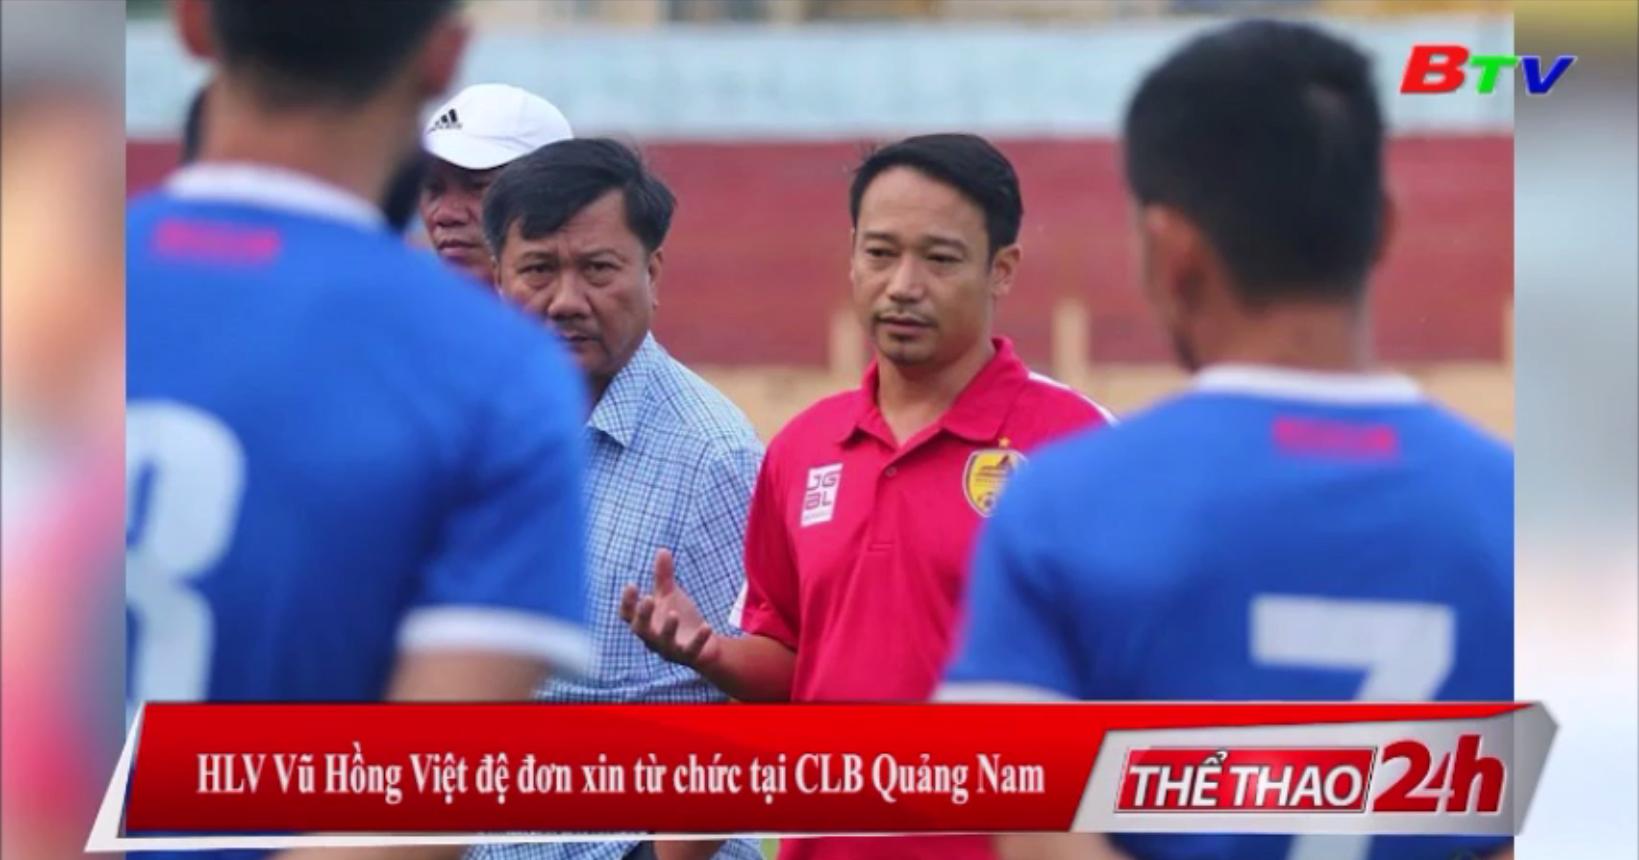 HLV Vũ Hồng Việt đệ đơn xin từ chức tại CLB Quảng Nam